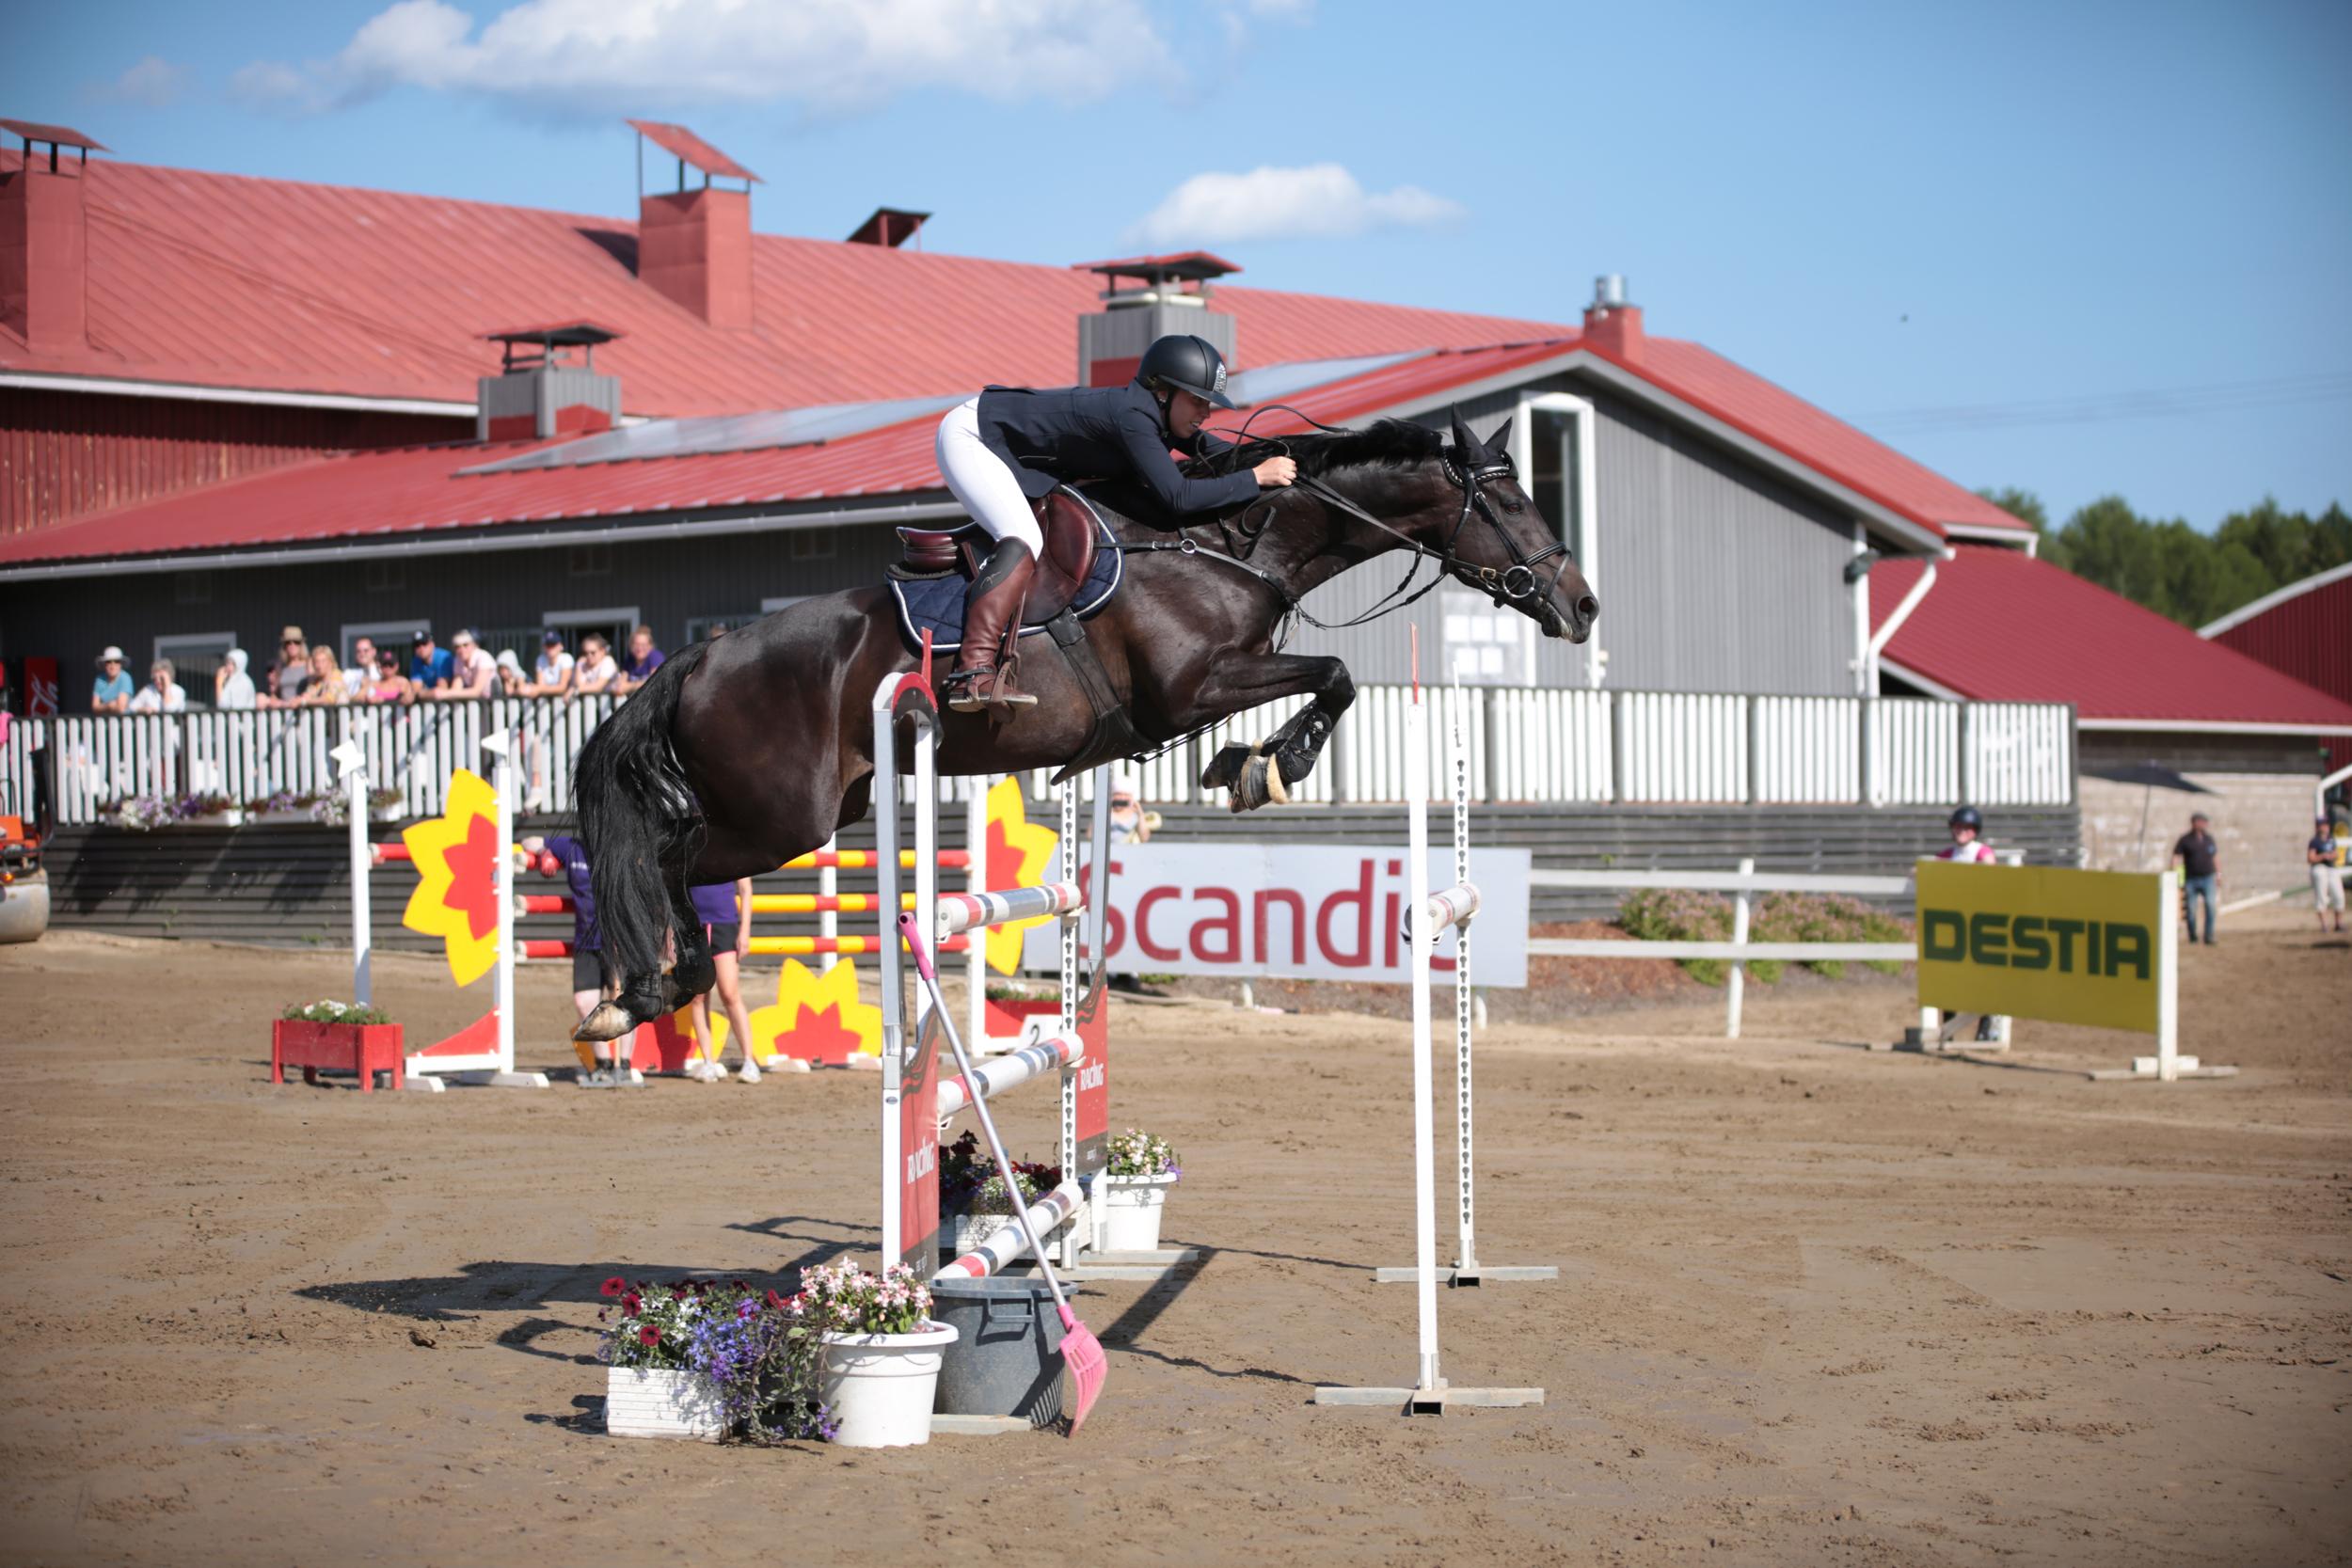 Mäkilä Savonlinnassa Future Challenge osakilpailuvoittoon, Yli-Huhtala noususarjan ykkönen